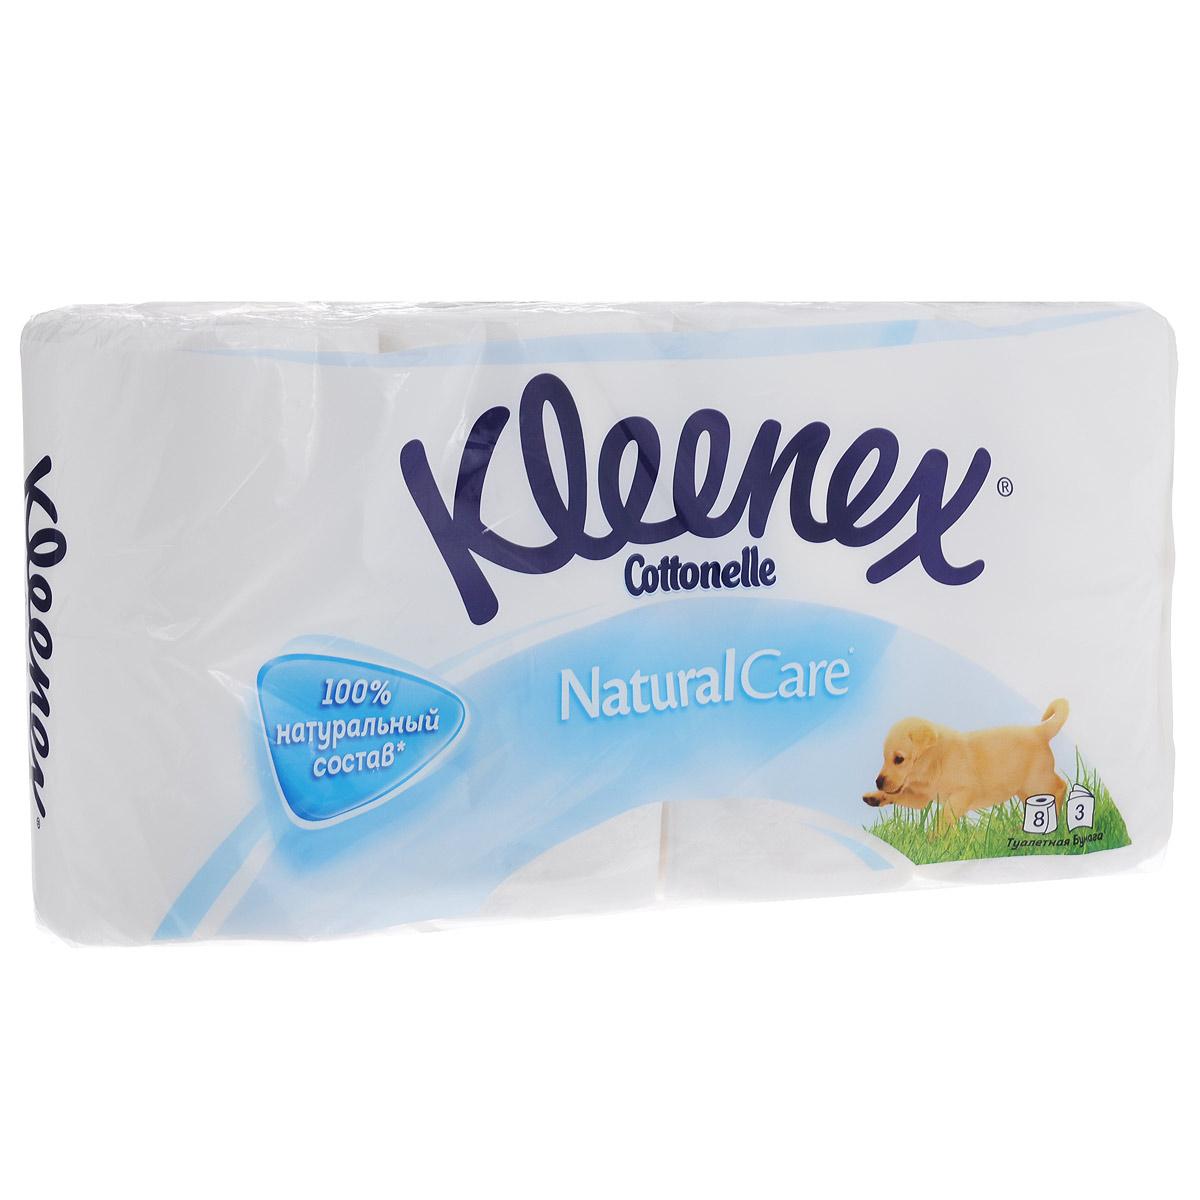 Туалетная бумага Kleenex Natural Care, трехслойная, цвет: белый, 8 рулонов68/5/3Трехслойная туалетная бумага Kleenex Natural Care изготовлена из целлюлозы высшего качества. Мягкая, нежная, но в тоже время прочная, бумага не расслаивается и отрывается строго по линии перфорации. Оформлена тиснением.Туалетная бумага Kleenex Natural Care идеально подходит для ежедневного использования. Без ароматизаторов. Количество листов в рулоне: 155 шт. Количество слоев: 3. Размер листа: 9,6 см х 11,2 см. Состав: 100% целлюлоза.